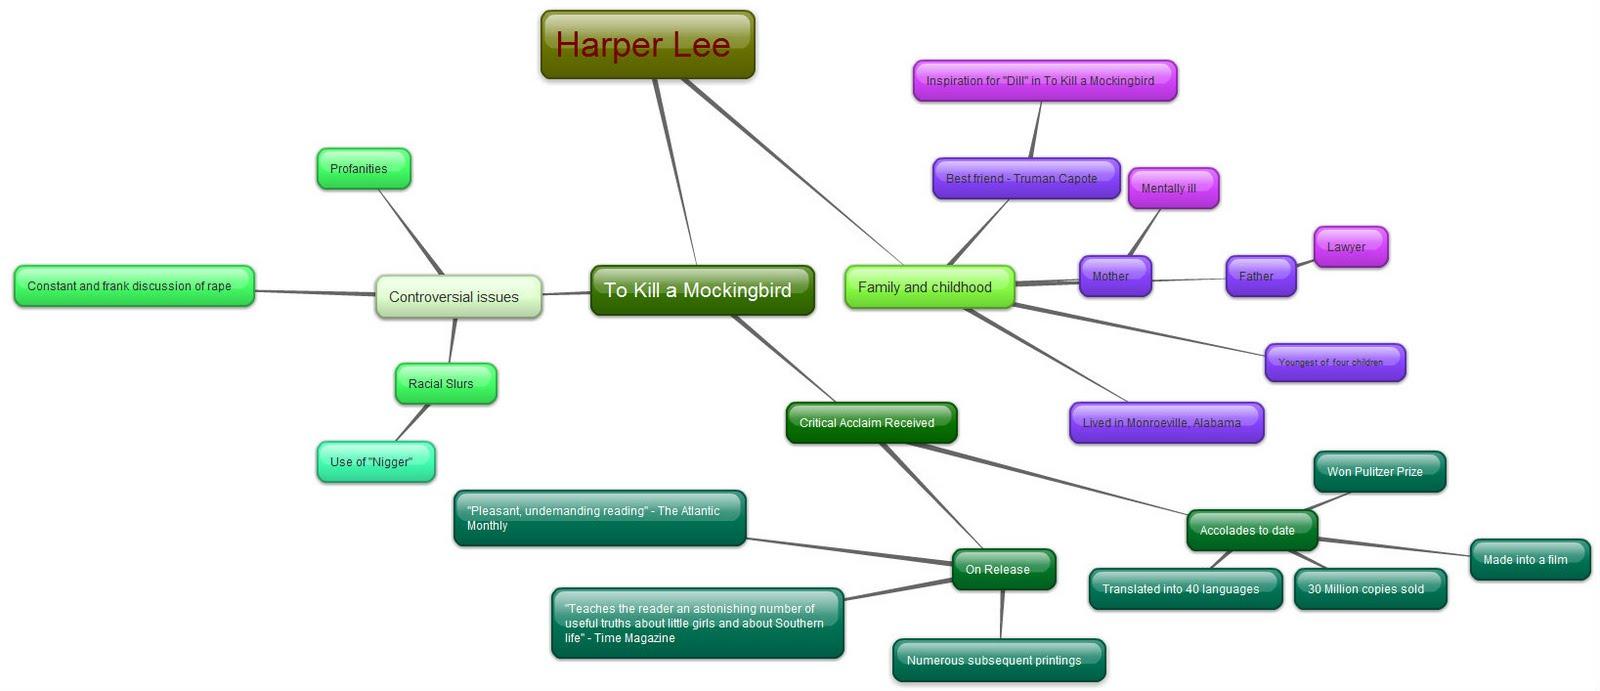 isaac's la blog mind map  harper lee - mind map  harper lee